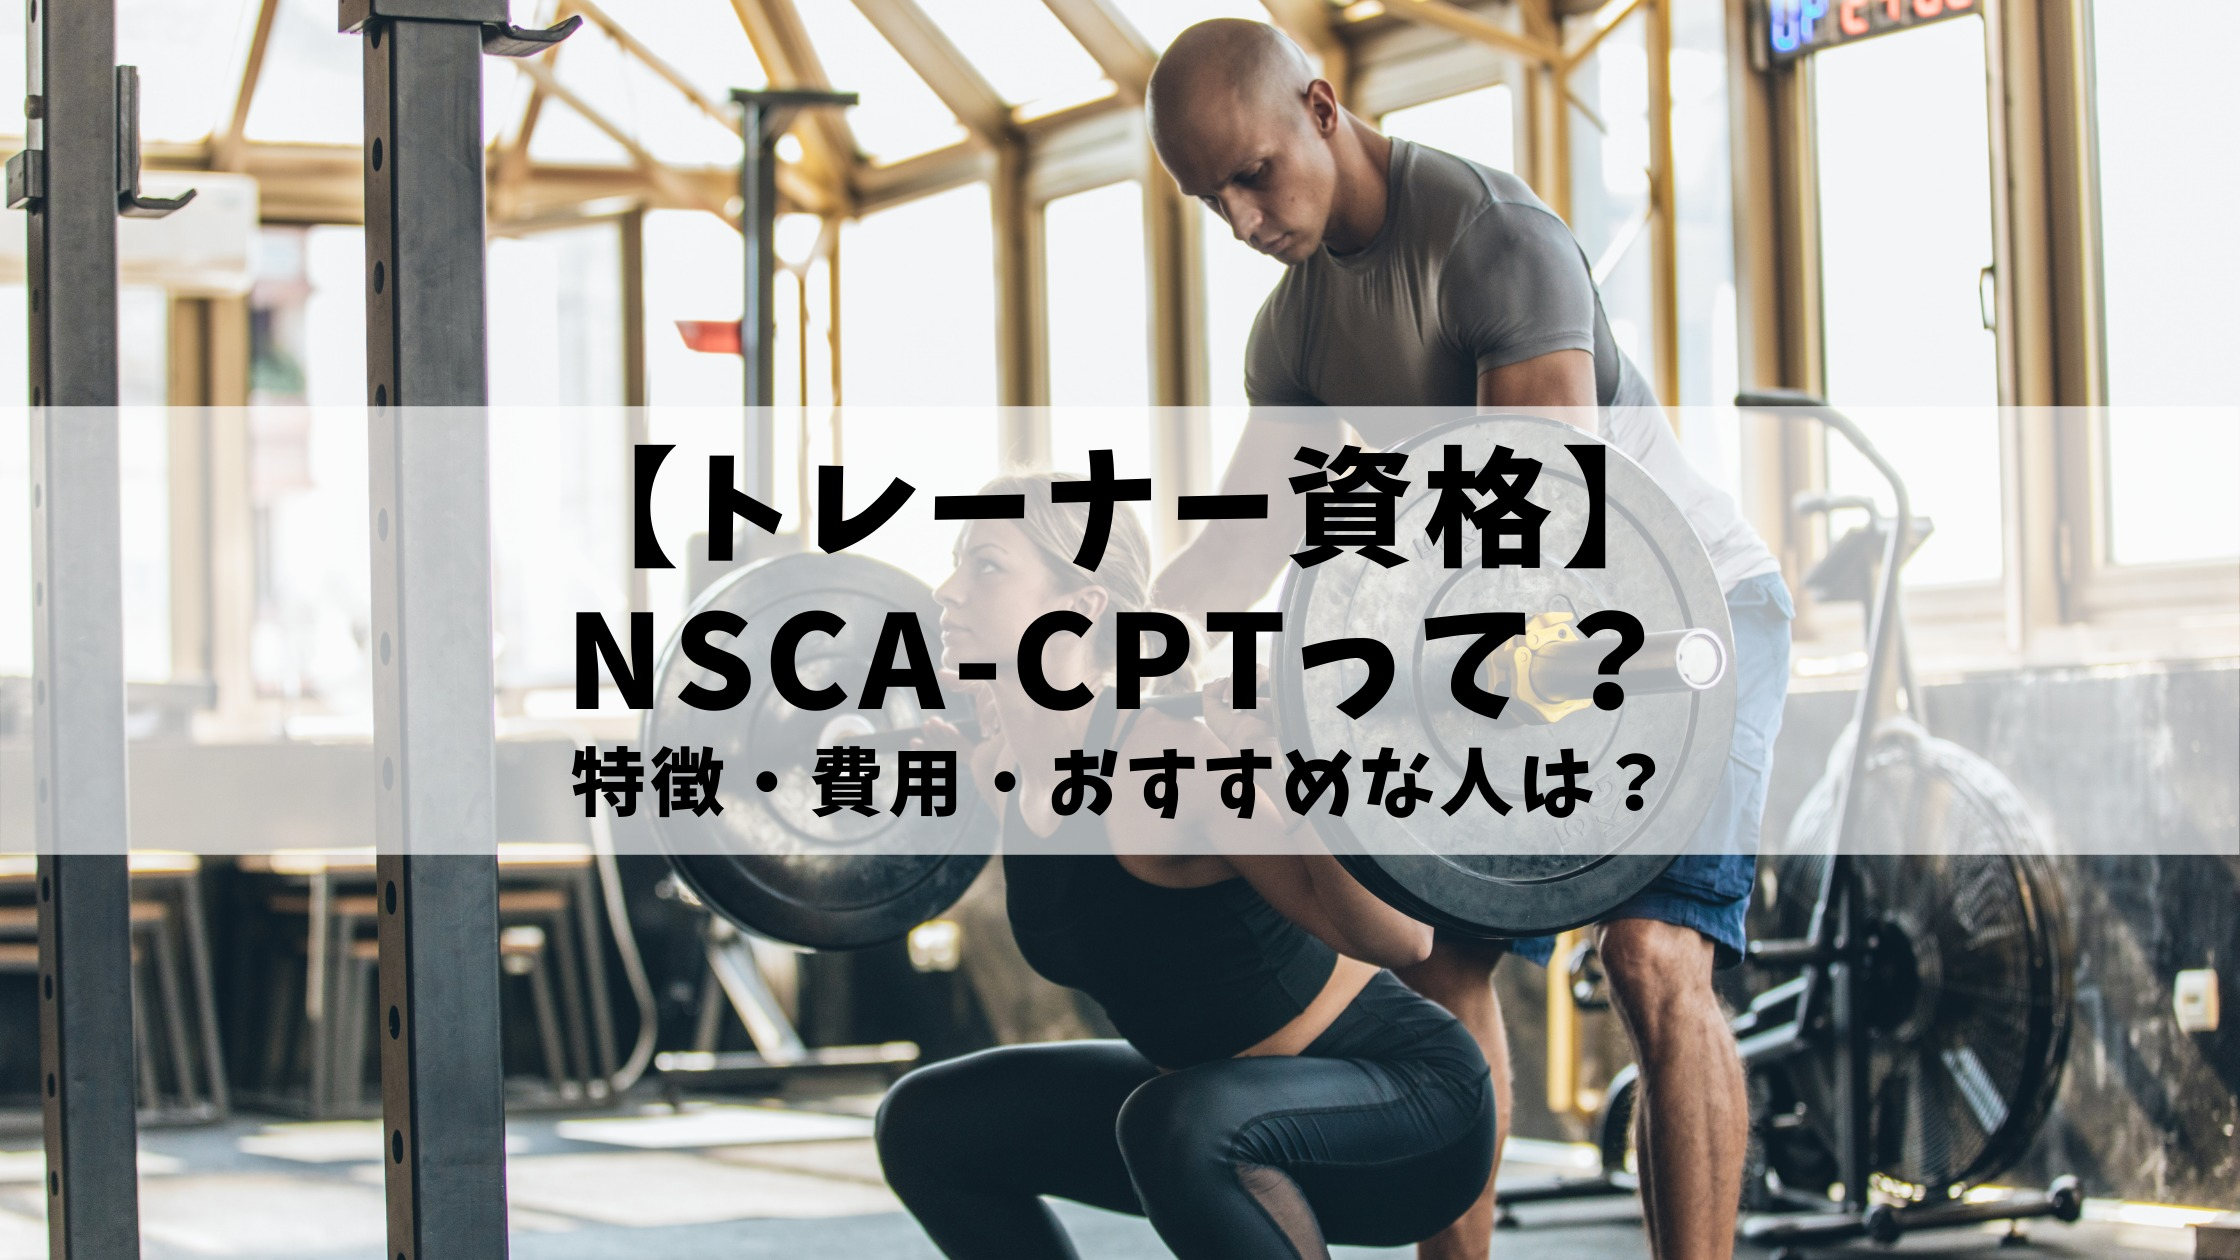 【トレーナー資格】NSCA-CPTって?特徴・費用・おすすめな人は?